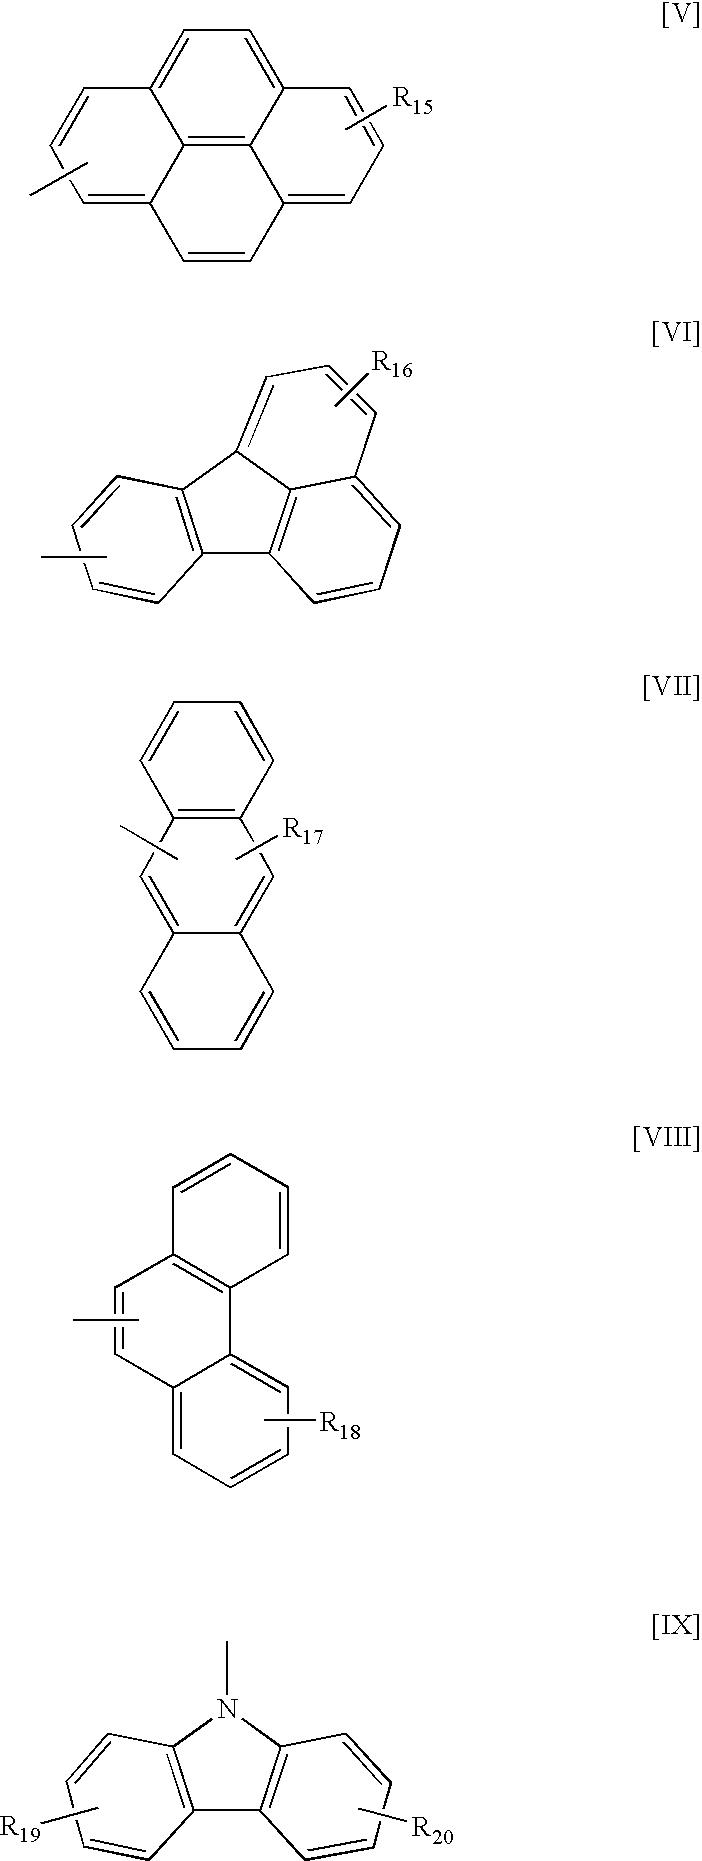 Figure US20060134425A1-20060622-C00006